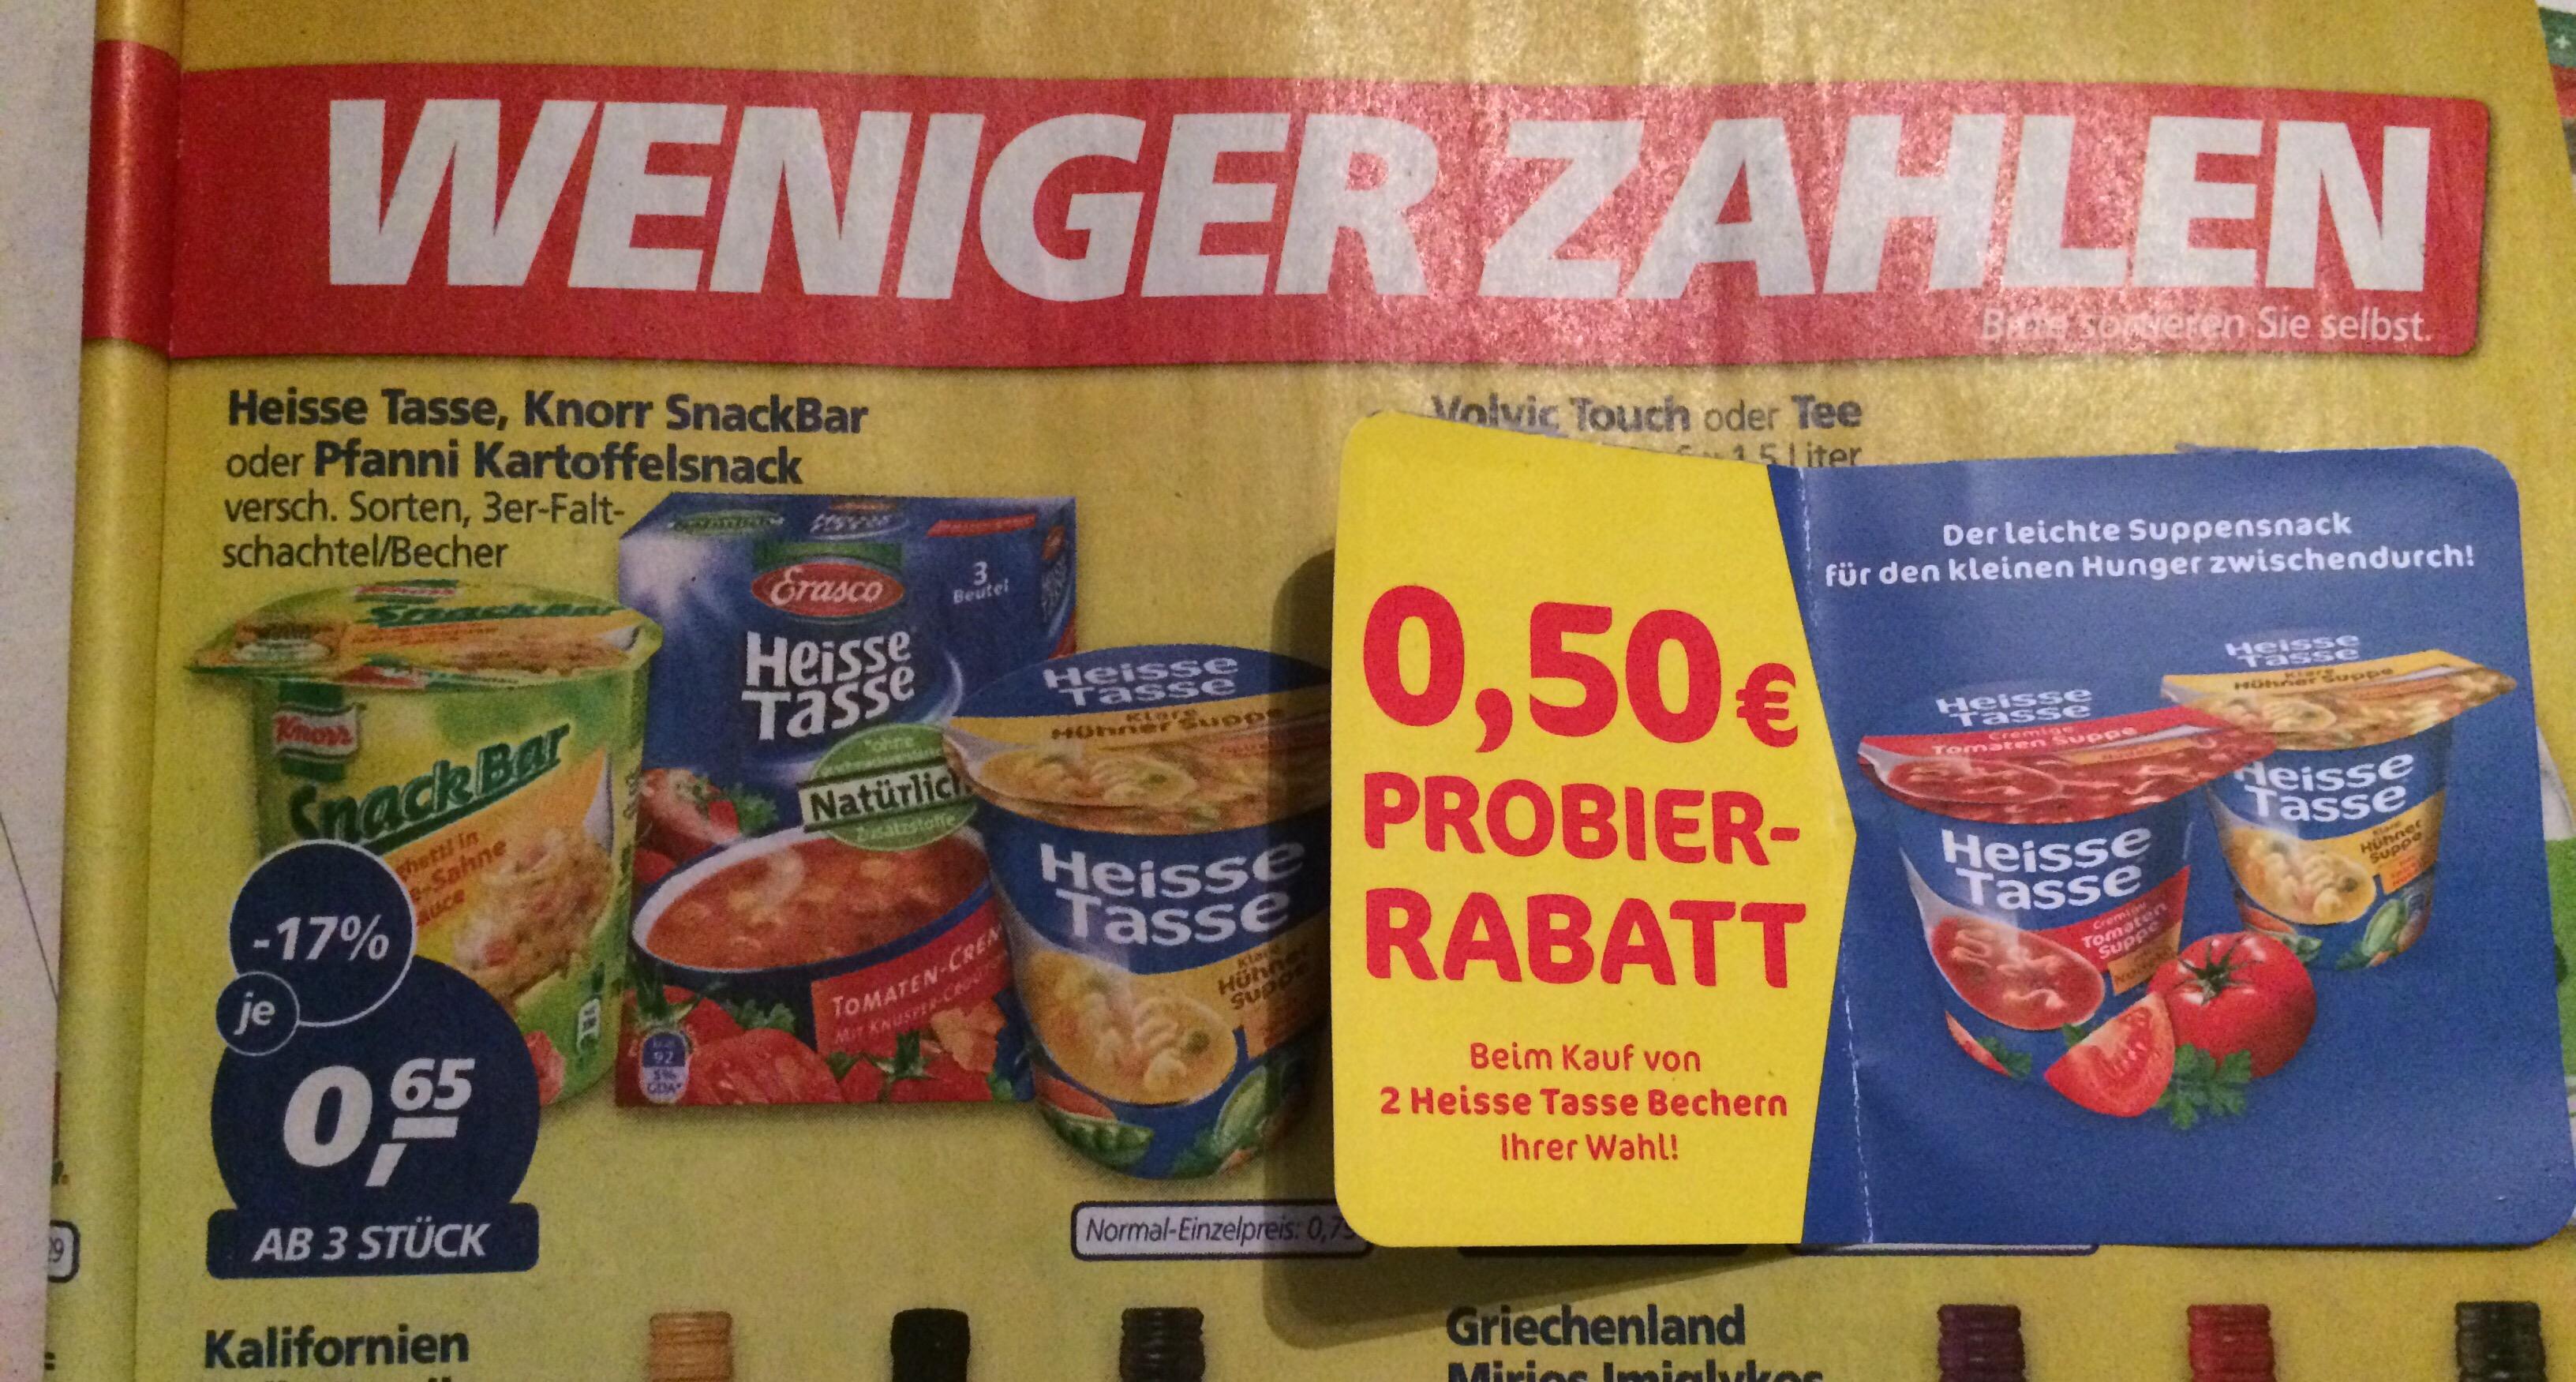 [real] 3 Becher Heisse Tasse für 1,45 (~48 cent pro Becher)